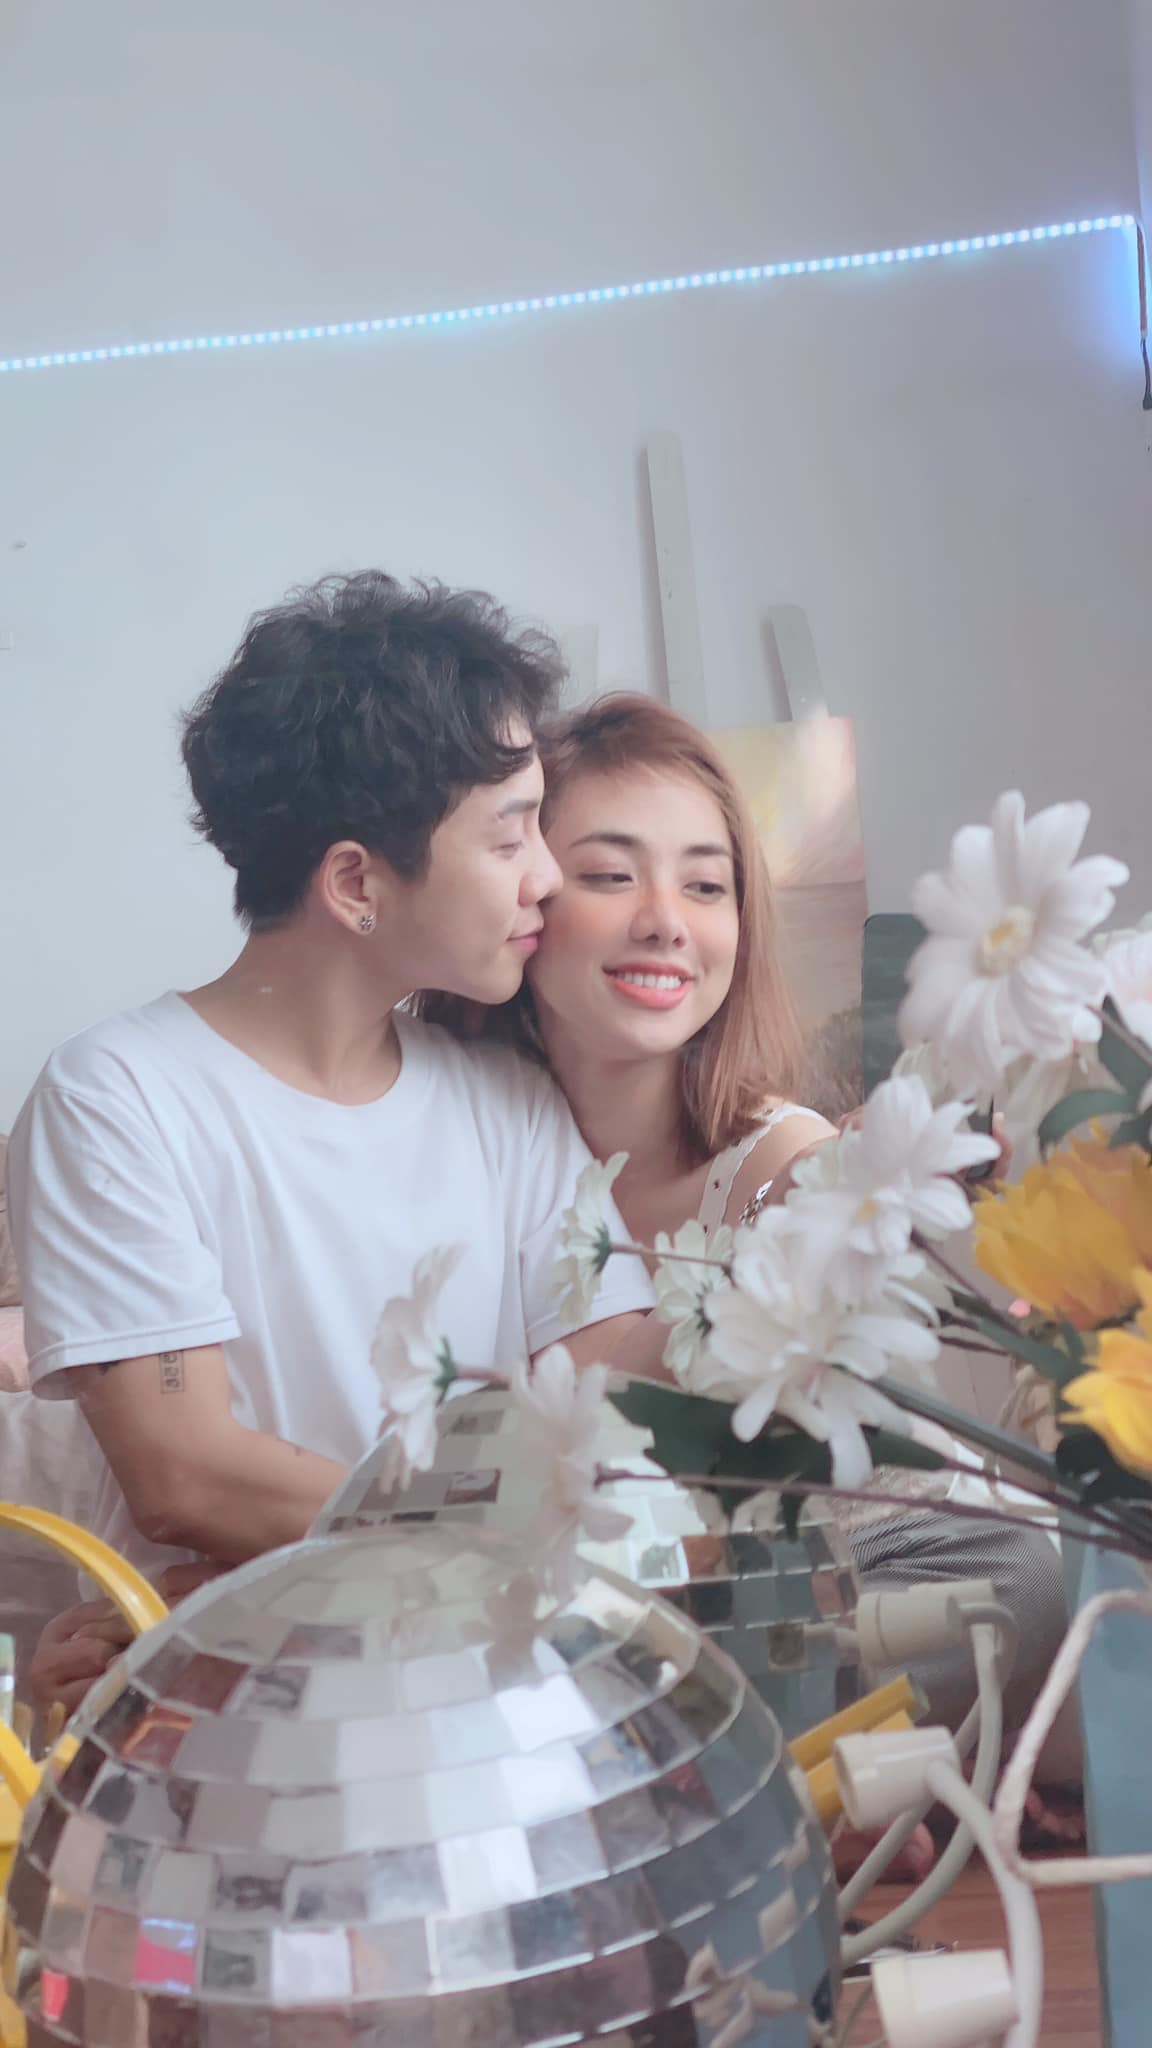 Miko Lan Trinh cập nhật trạng thái đã đính hôn với bạn trai chuyển giới